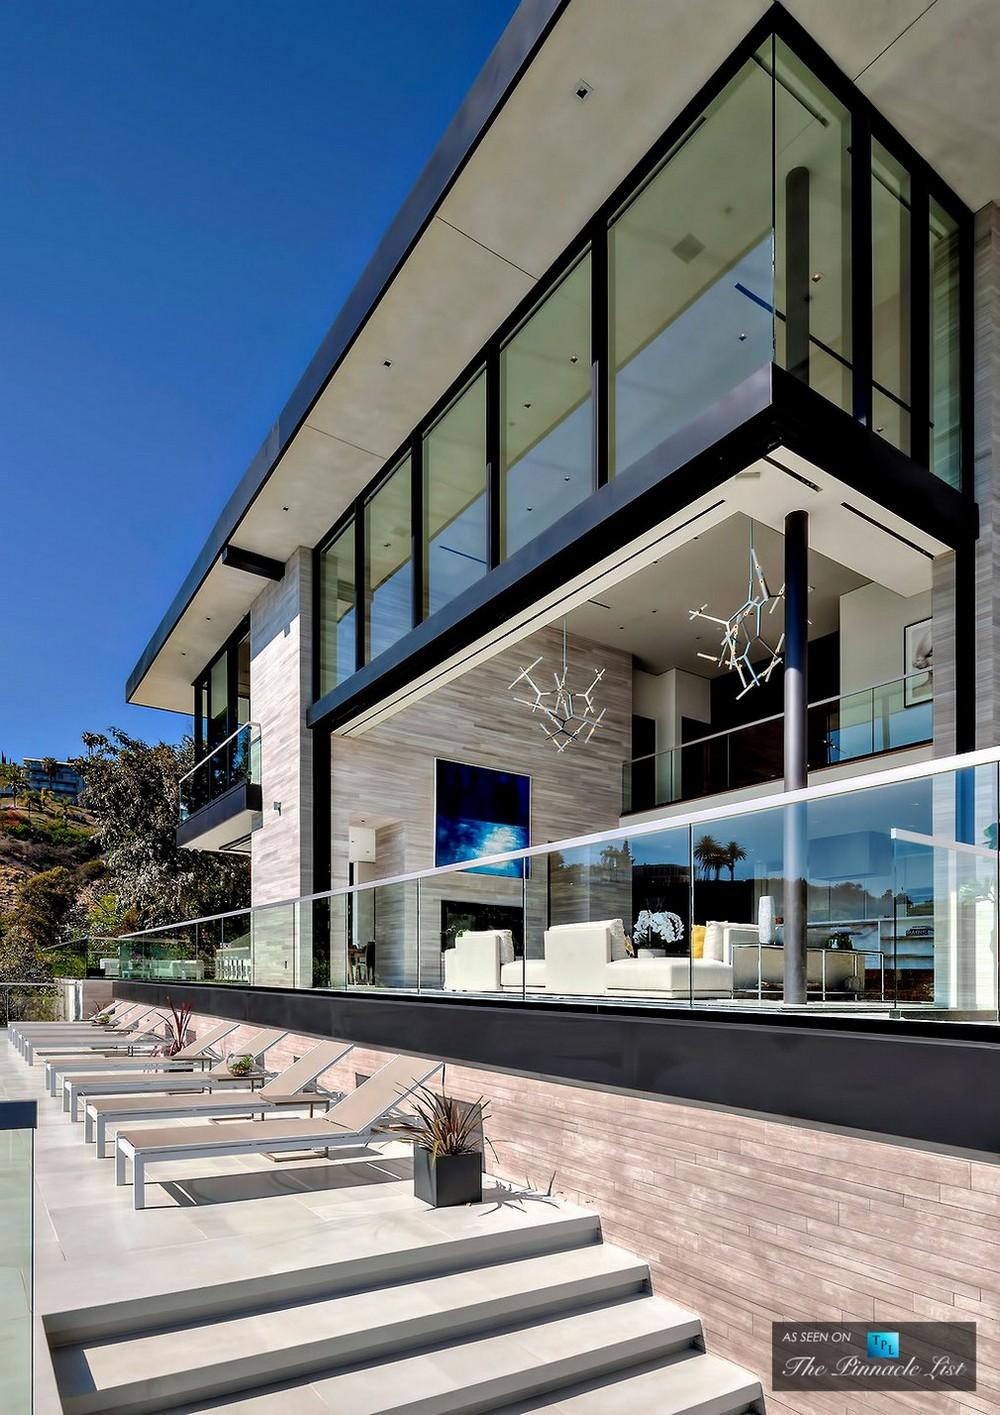 Особняк в Лос-Анджелесе за 15 миллионов долларов